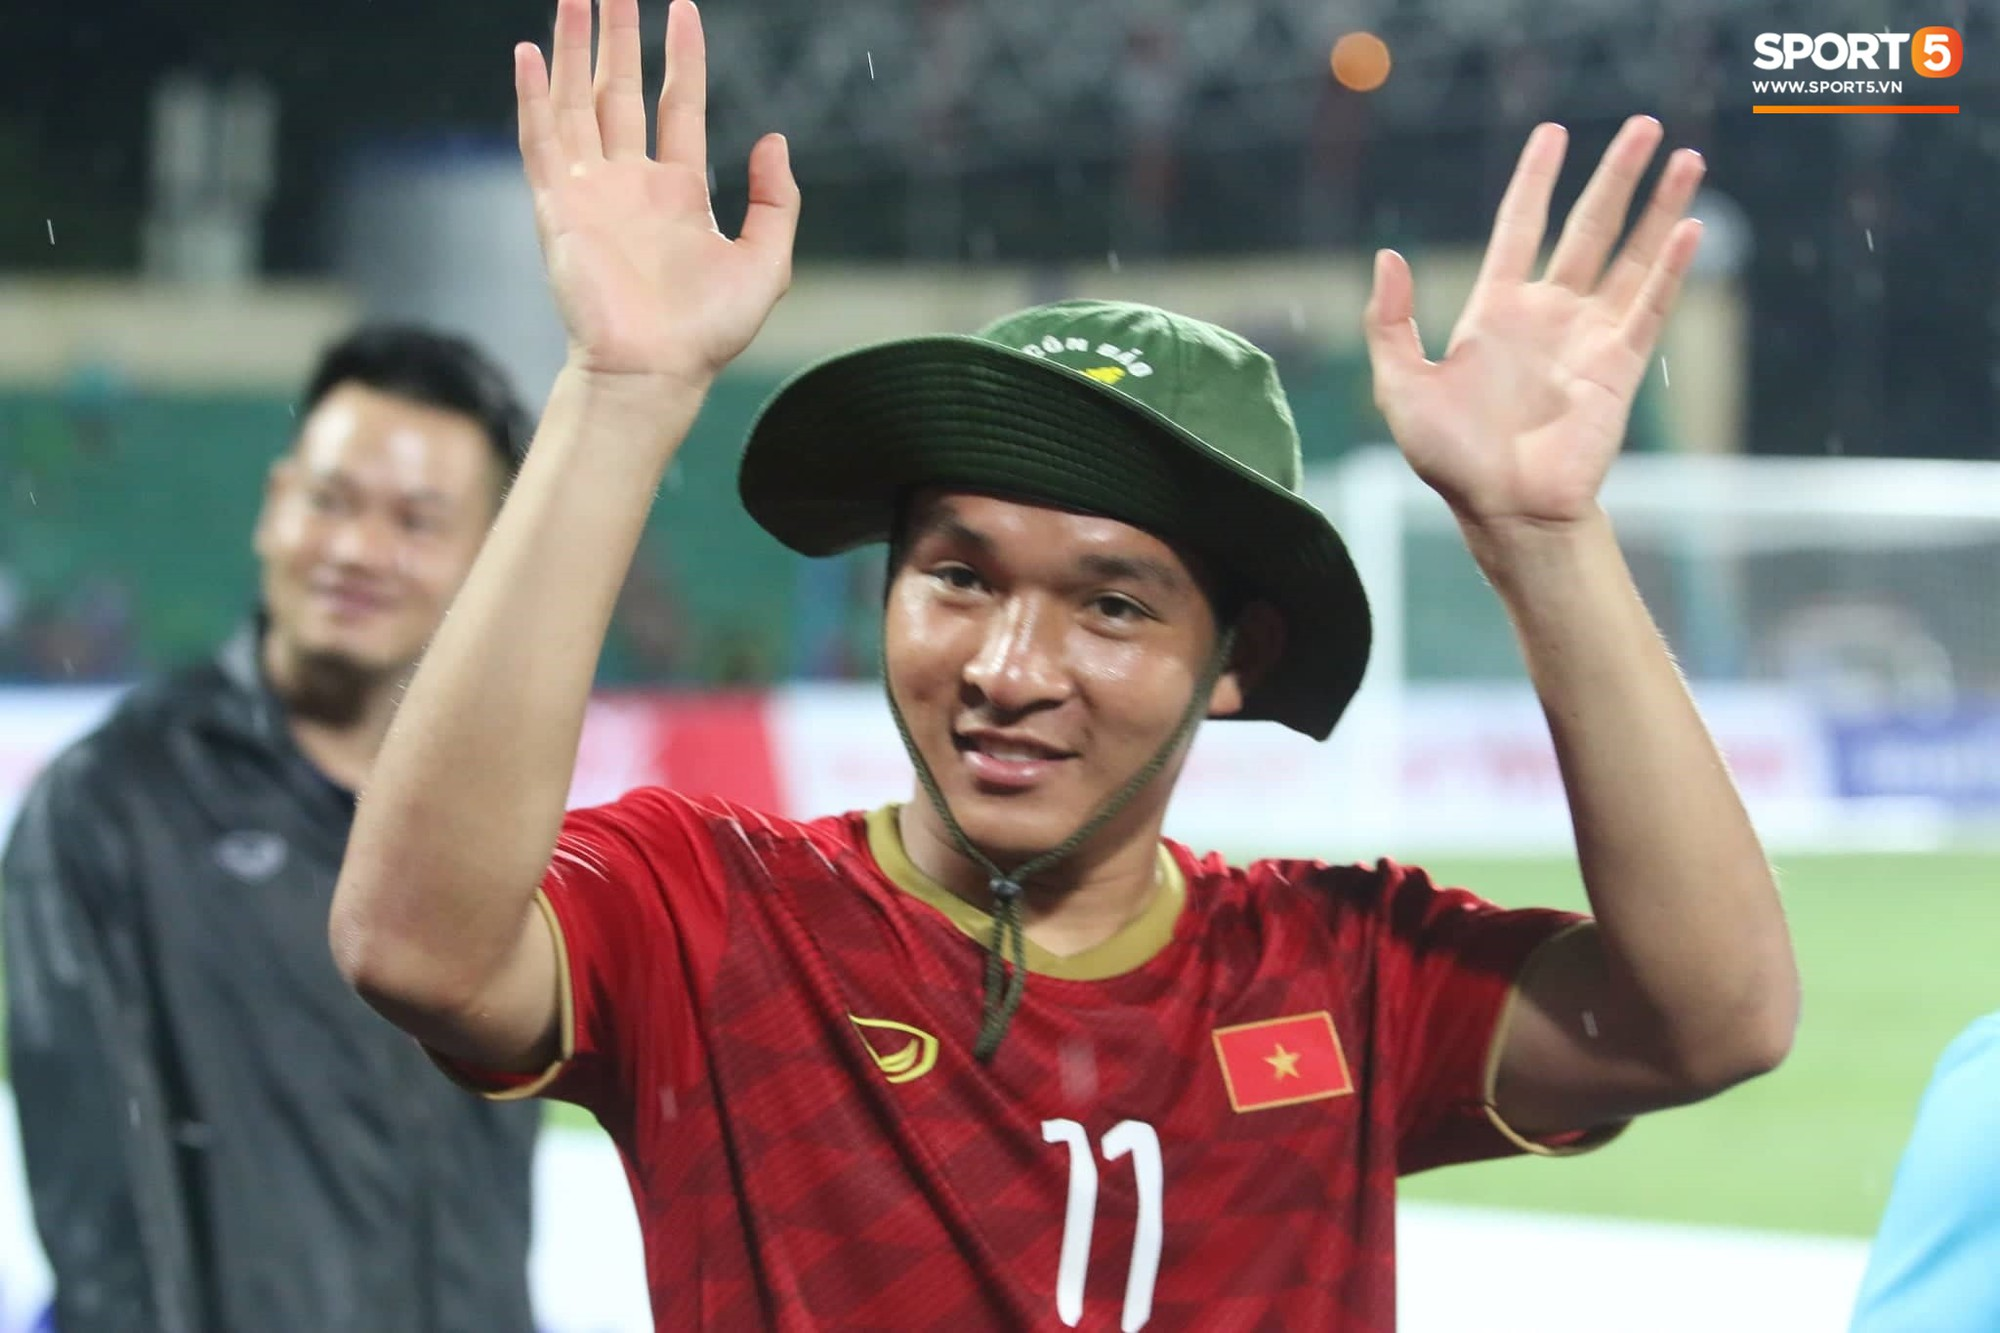 Hình ảnh cảm động: U23 Việt Nam đội mưa đi khắp khán đài cảm ơn người hâm mộ sau trận thắng U23 Myanmar-12